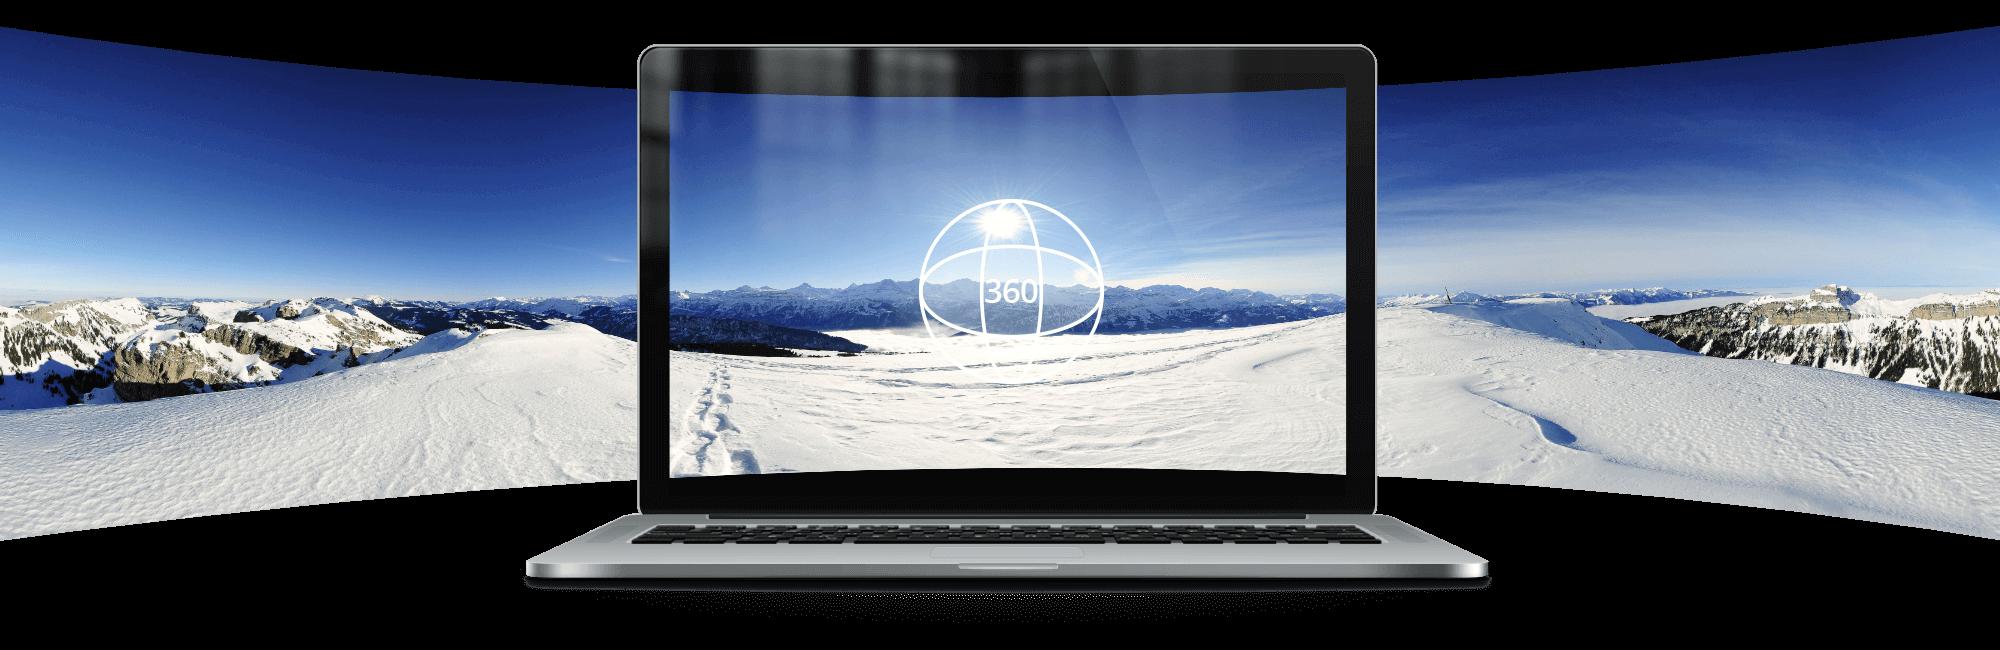 Zdjęcia/wideo w trybie panoramy 360 stopni